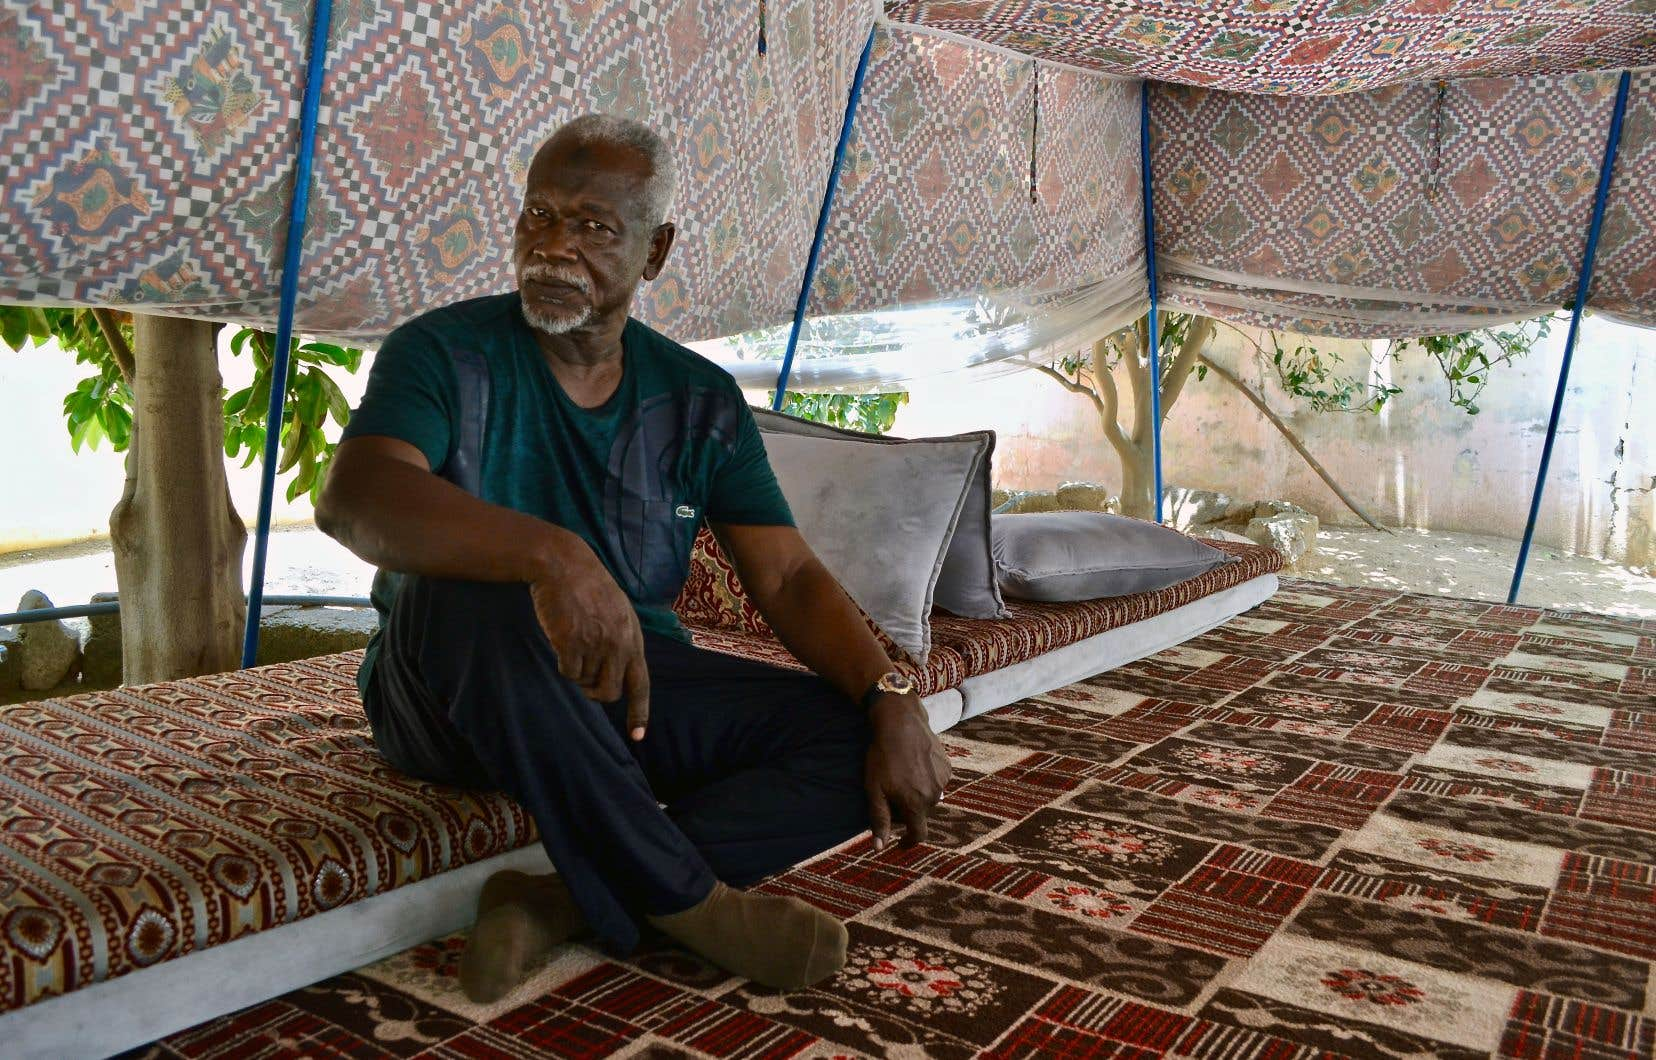 Après des années de servitude, Boubacar Messaoud a obtenu sa liberté et a fondé l'association SOS-Esclaves.